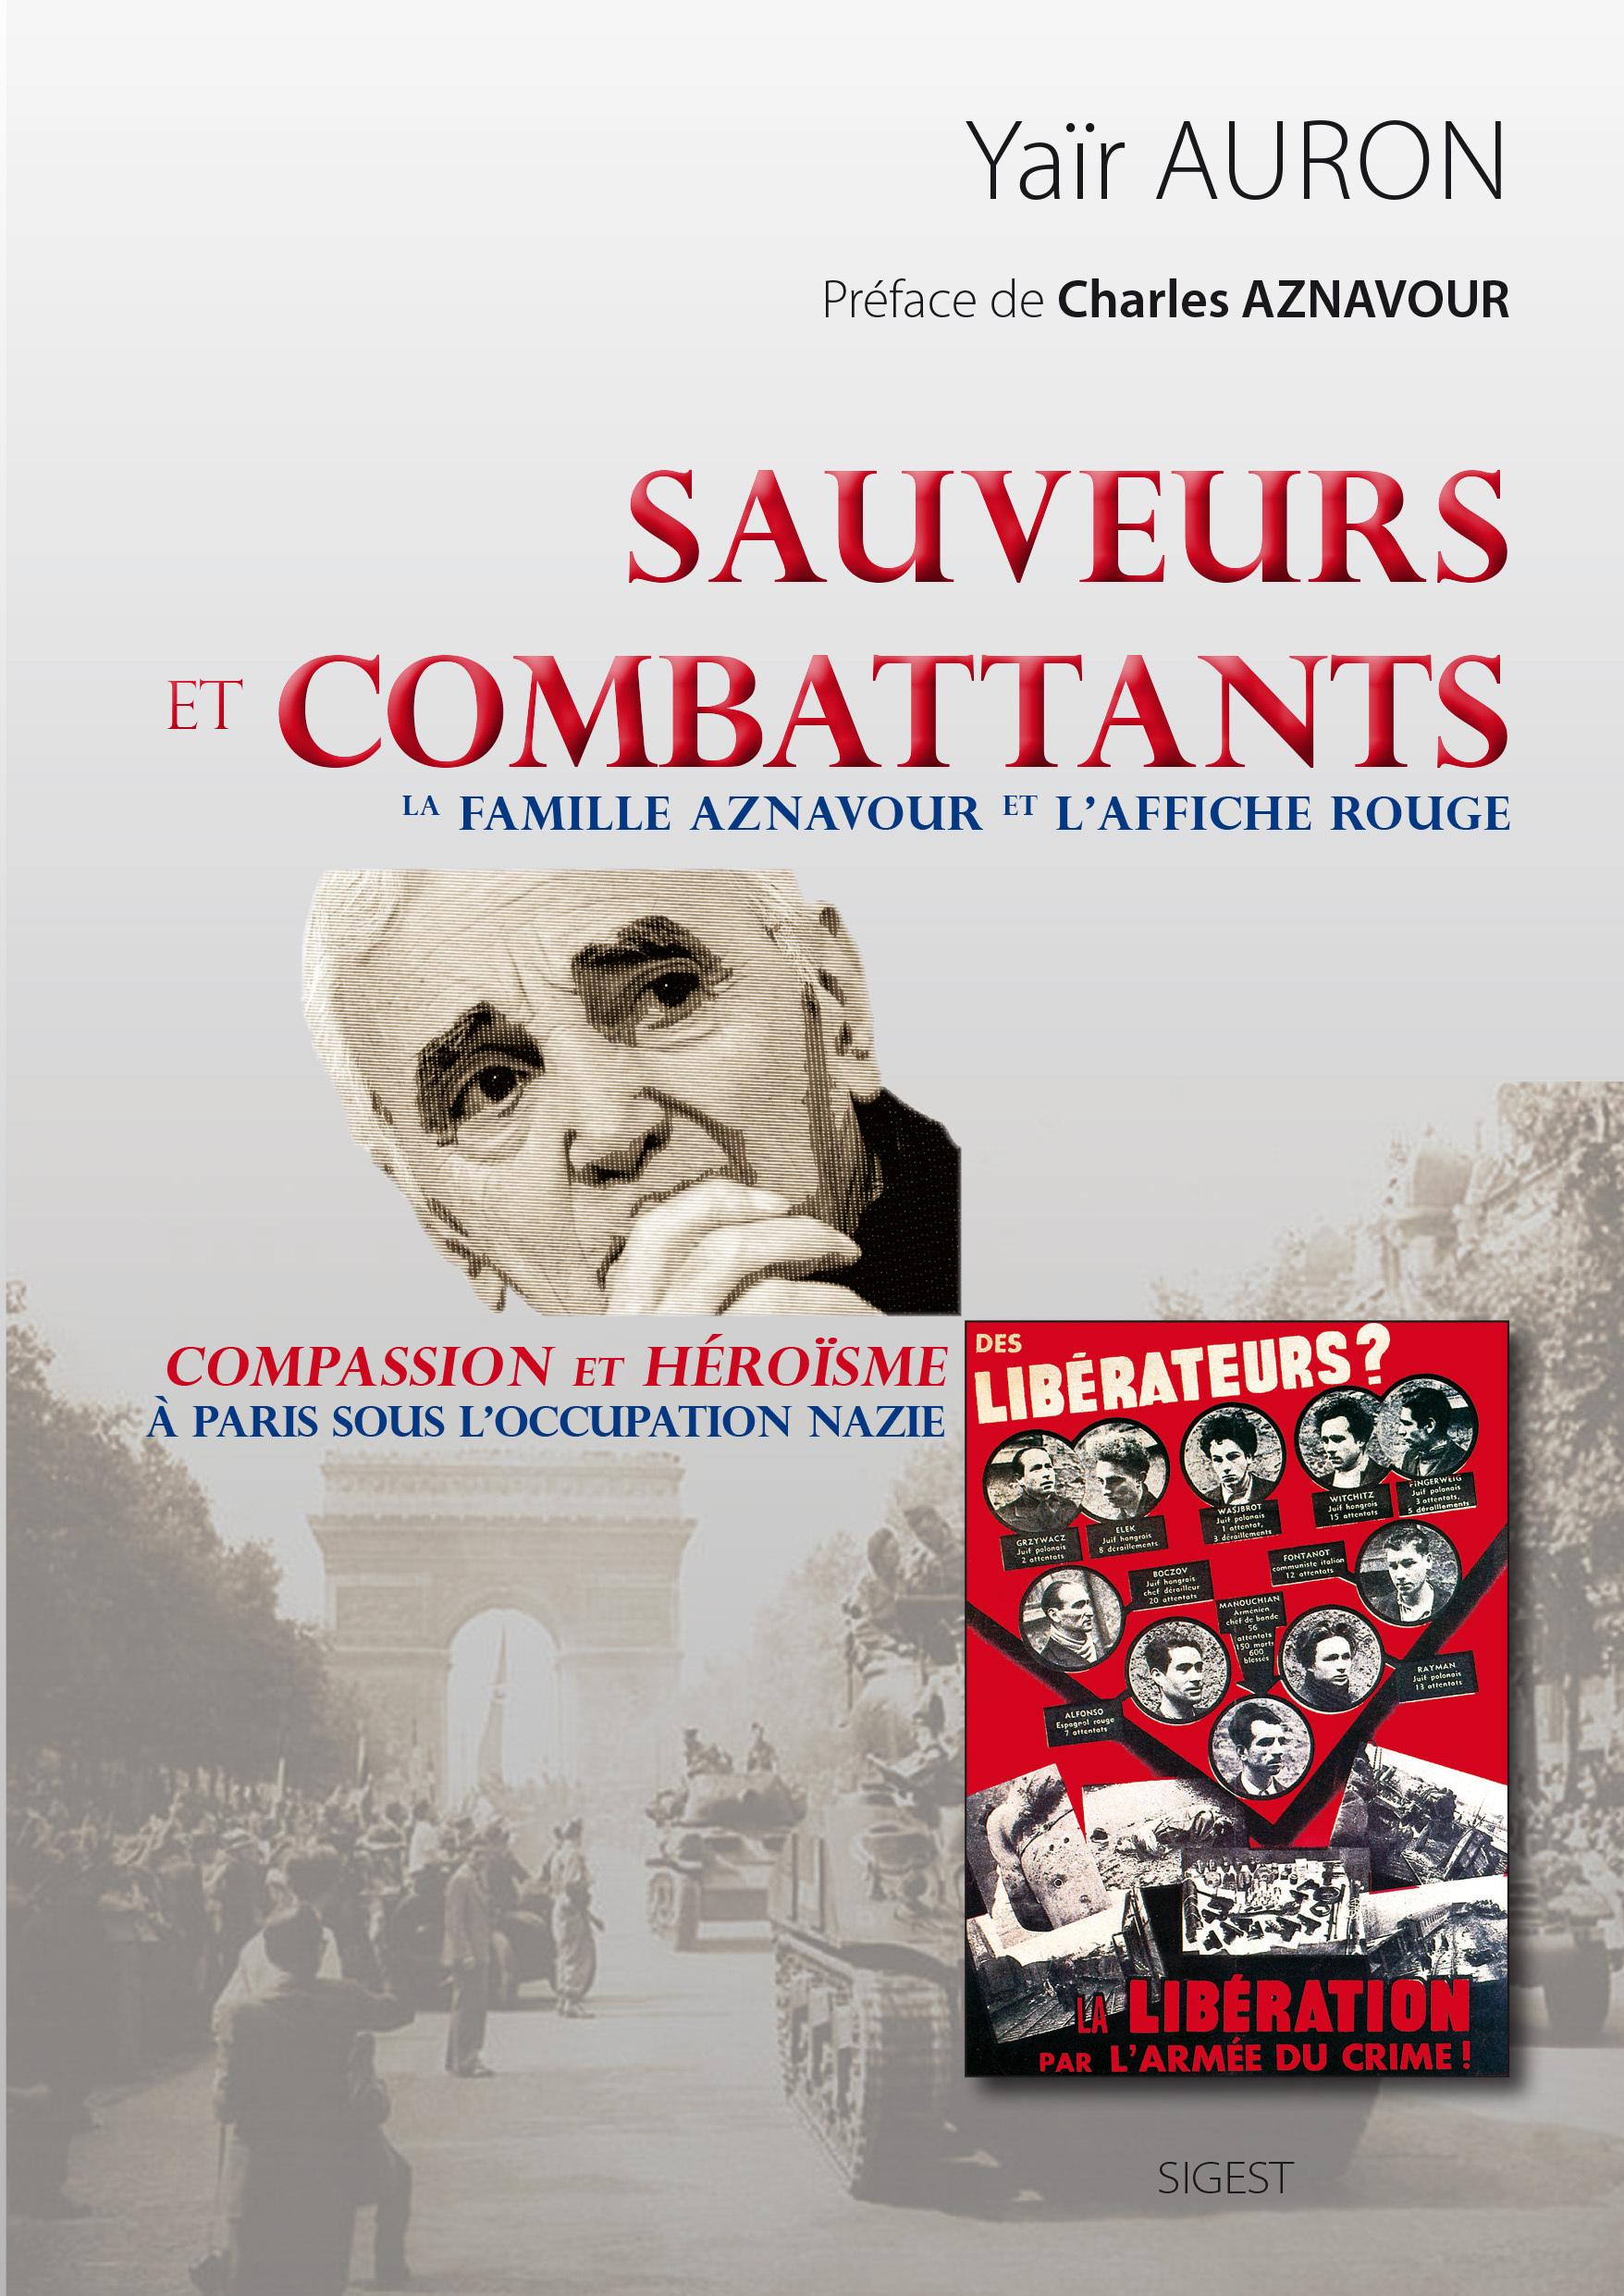 SAUVEURS ET COMBATTANTS : LA FAMILLE AZNAVOUR ET L'AFFICHE ROUGE, COMPASSION ET HEROISME A PARIS SOU